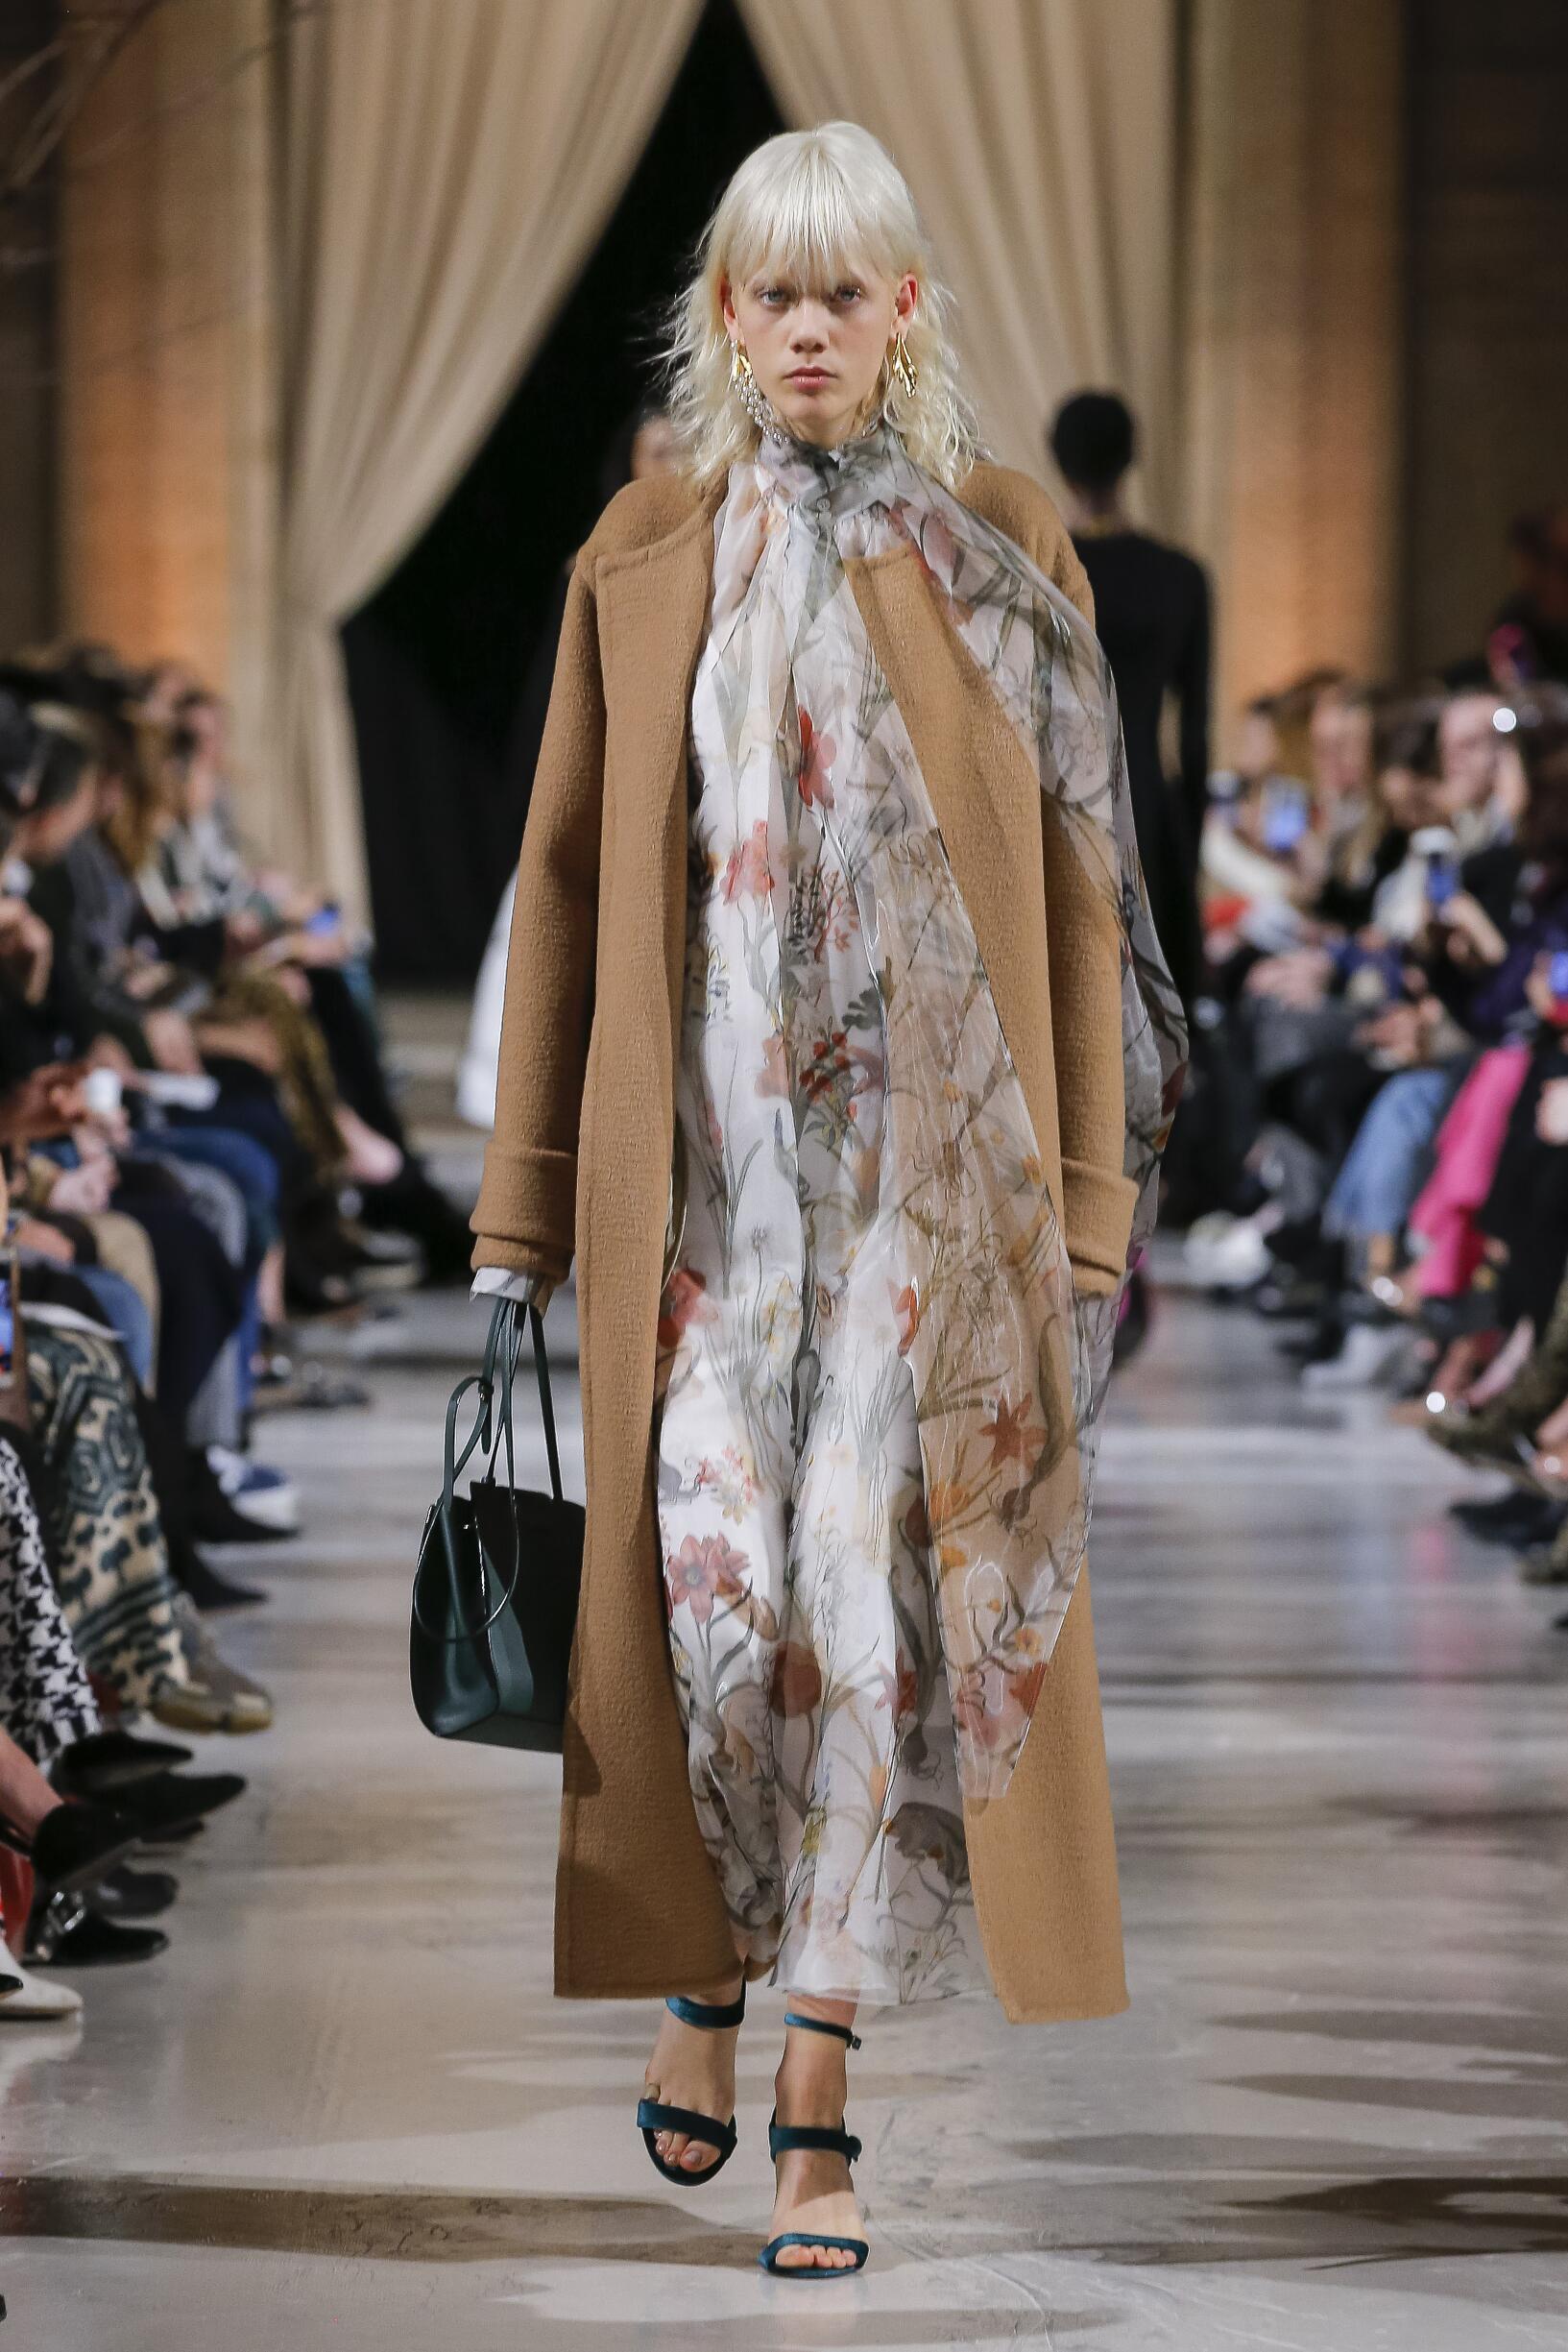 Fashion Woman Model Oscar de la Renta Catwalk